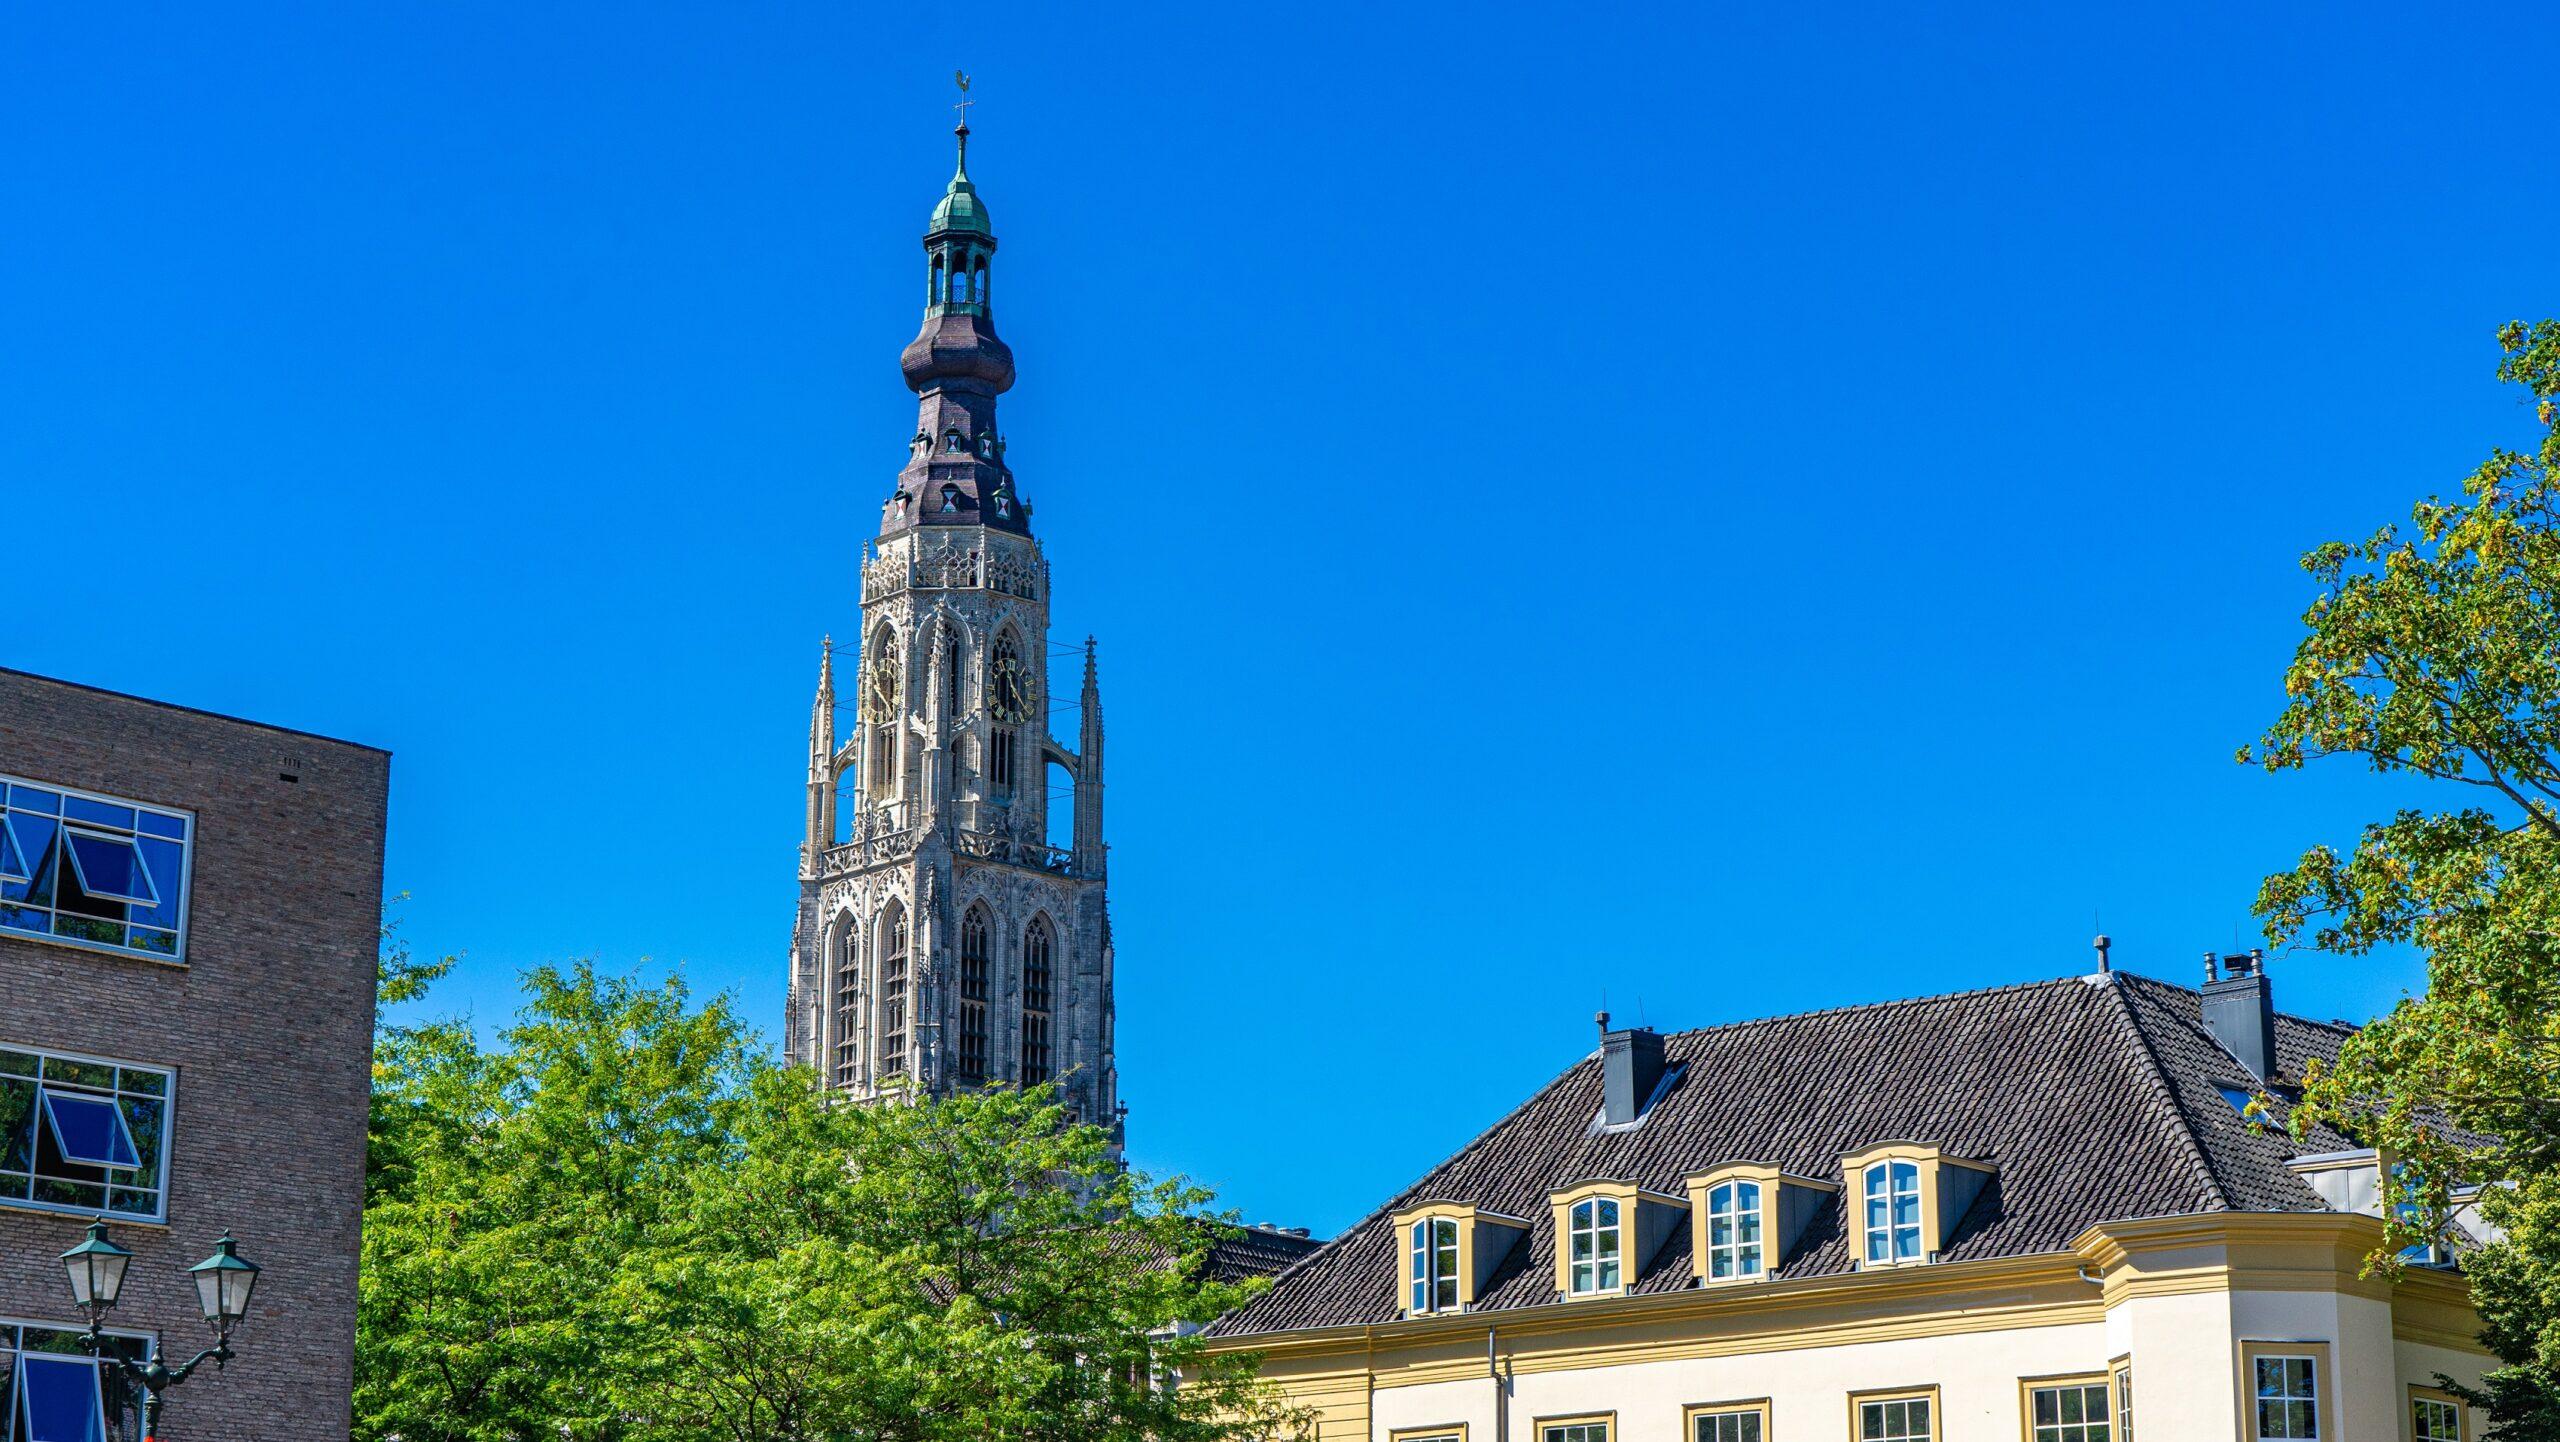 Kerktoren-grote-kerk-dagje-breda